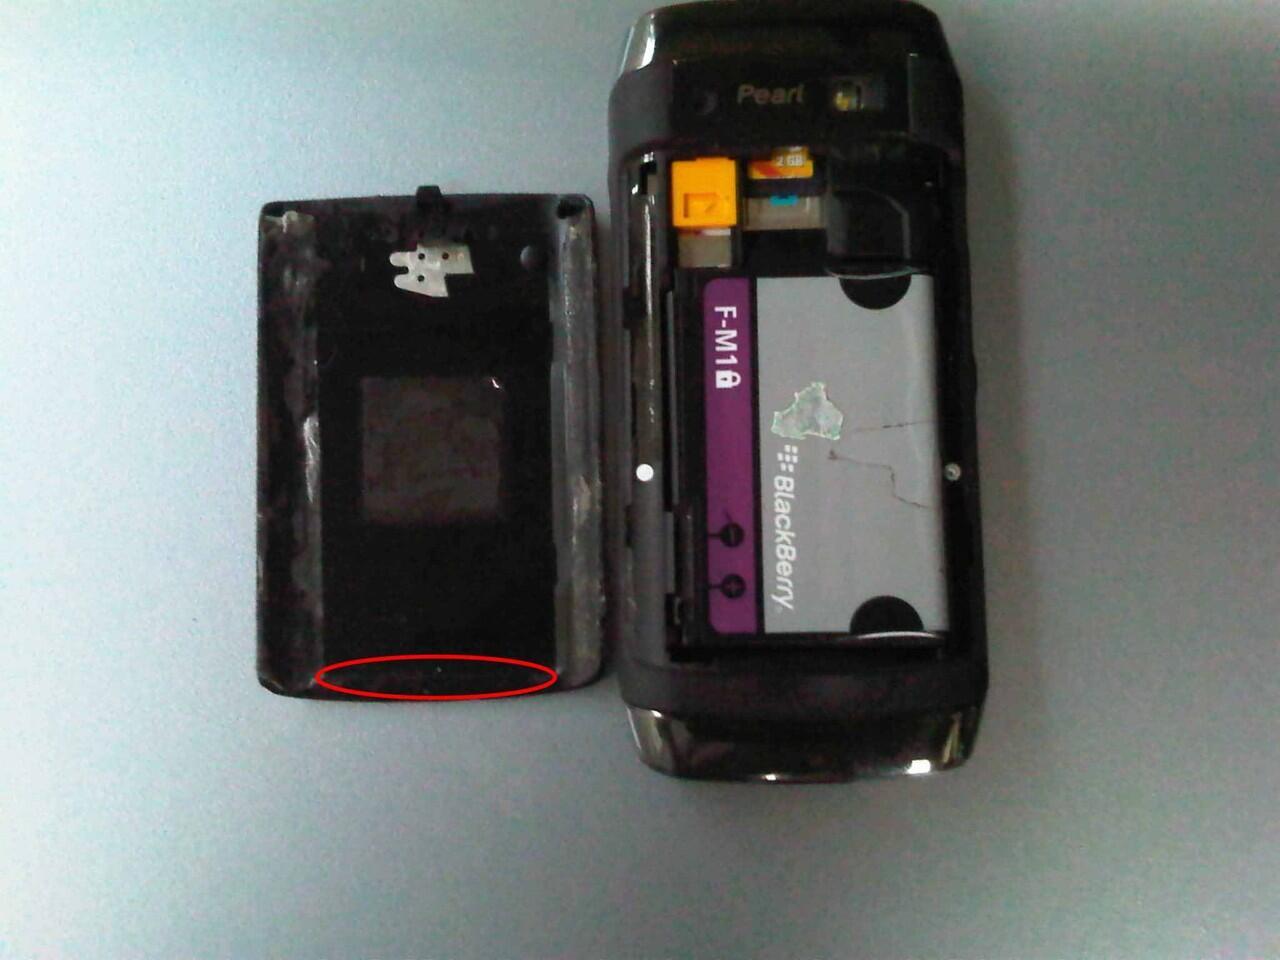 Blackberry Pearl 3g 9105 masi garansi tam panjang 15Bln Surabaya